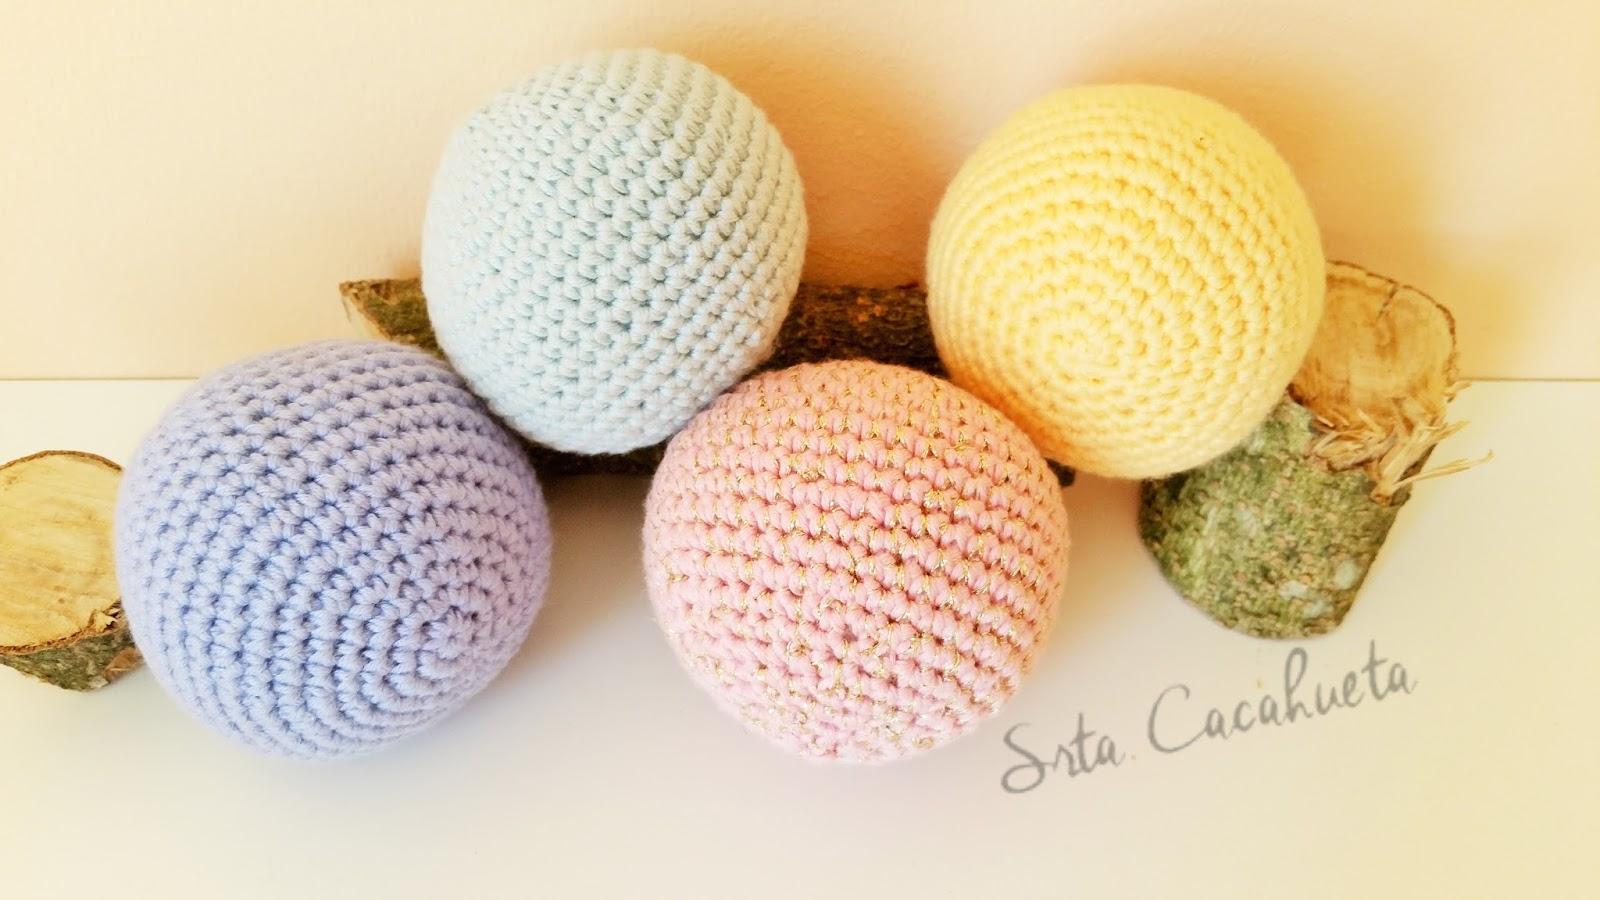 http://srtacacahueta.blogspot.com.es/2015/07/patron-gratuito-bolas-sonajero-112.html